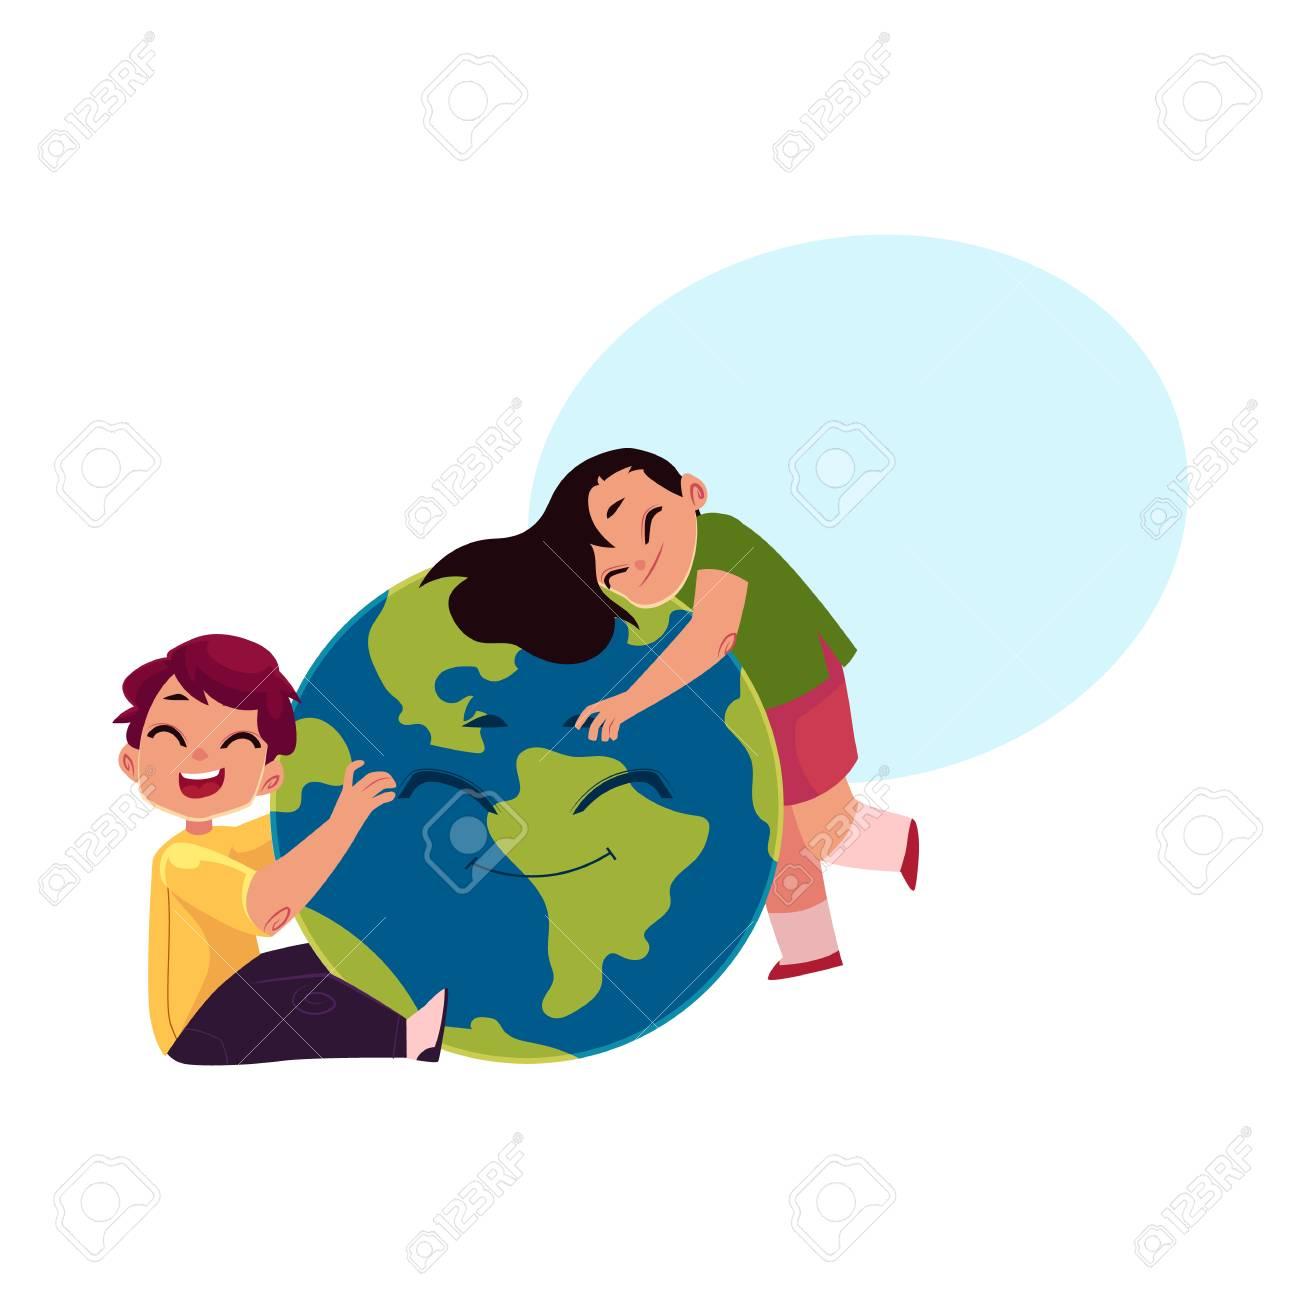 Enfants Garçon Et Fille étreignant Souriant Globe Personnage De Planète Terre Illustration De Vecteur De Dessin Animé Isolé Sur Fond Blanc Avec